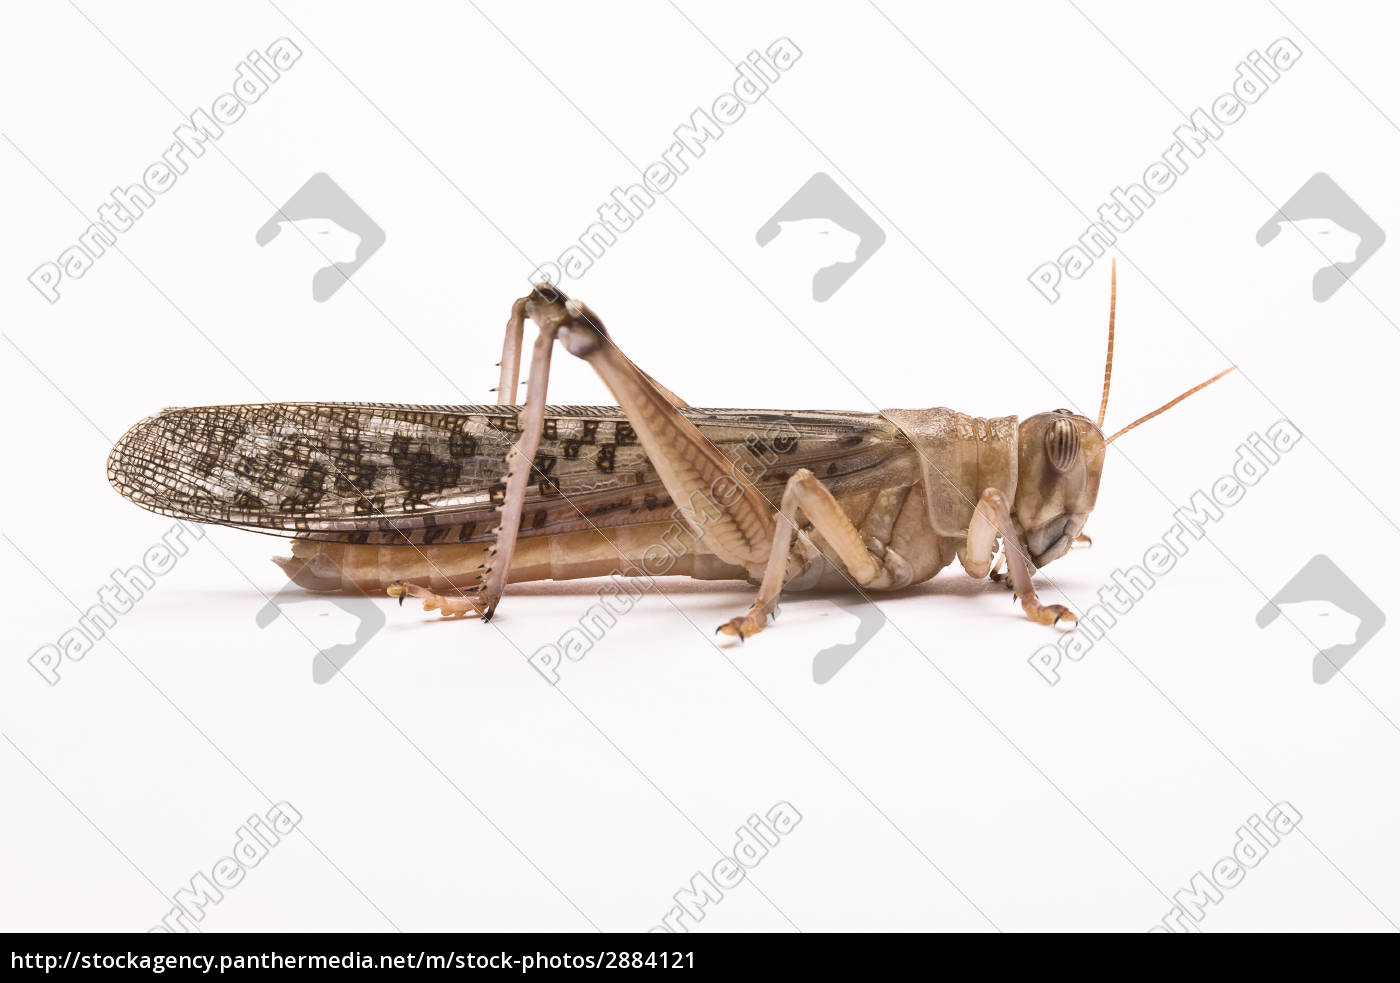 grasshopper - 2884121